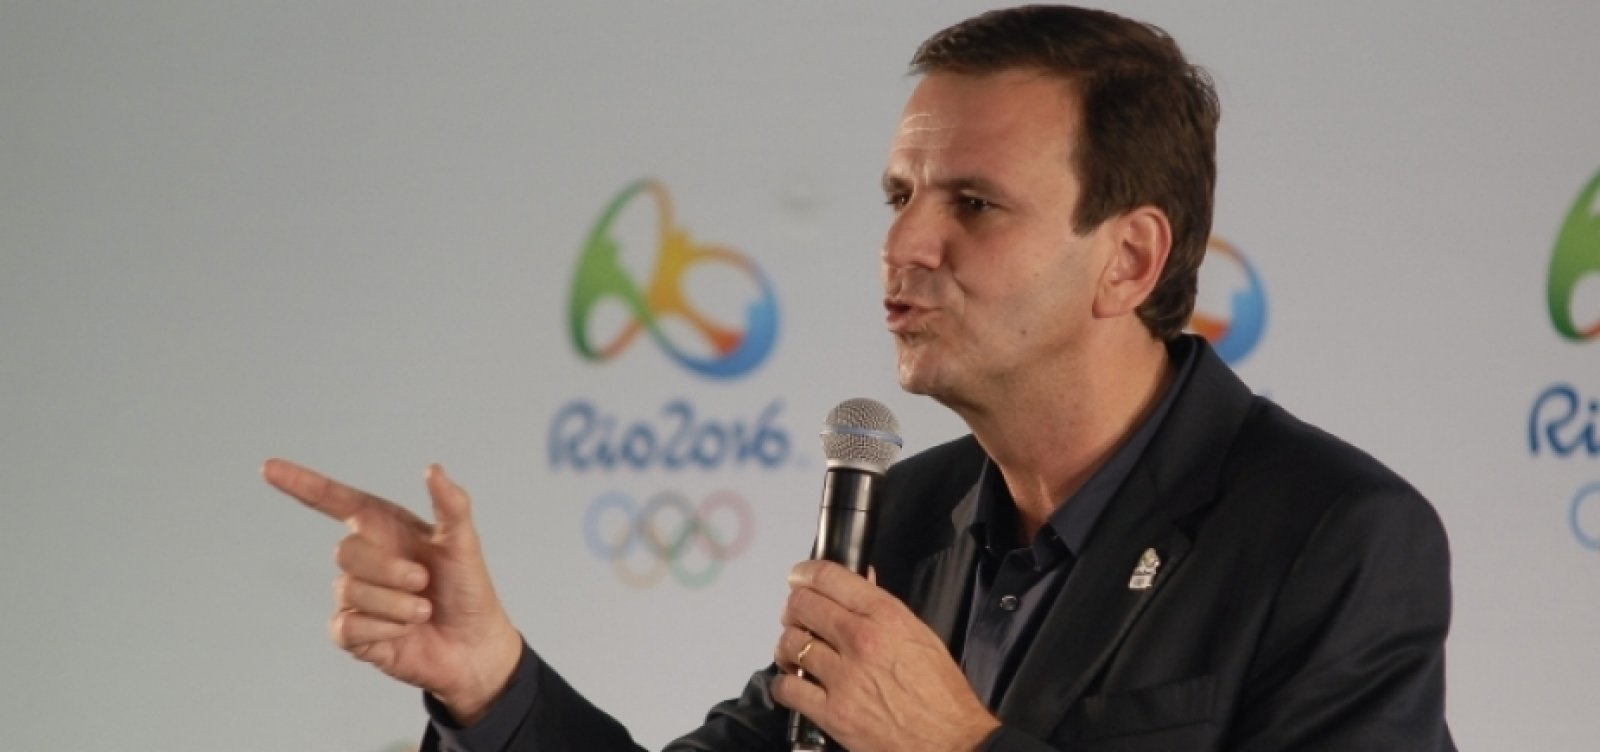 [COVID-19: Vacinação no Rio de Janeiro deve começar no próximo dia 25]